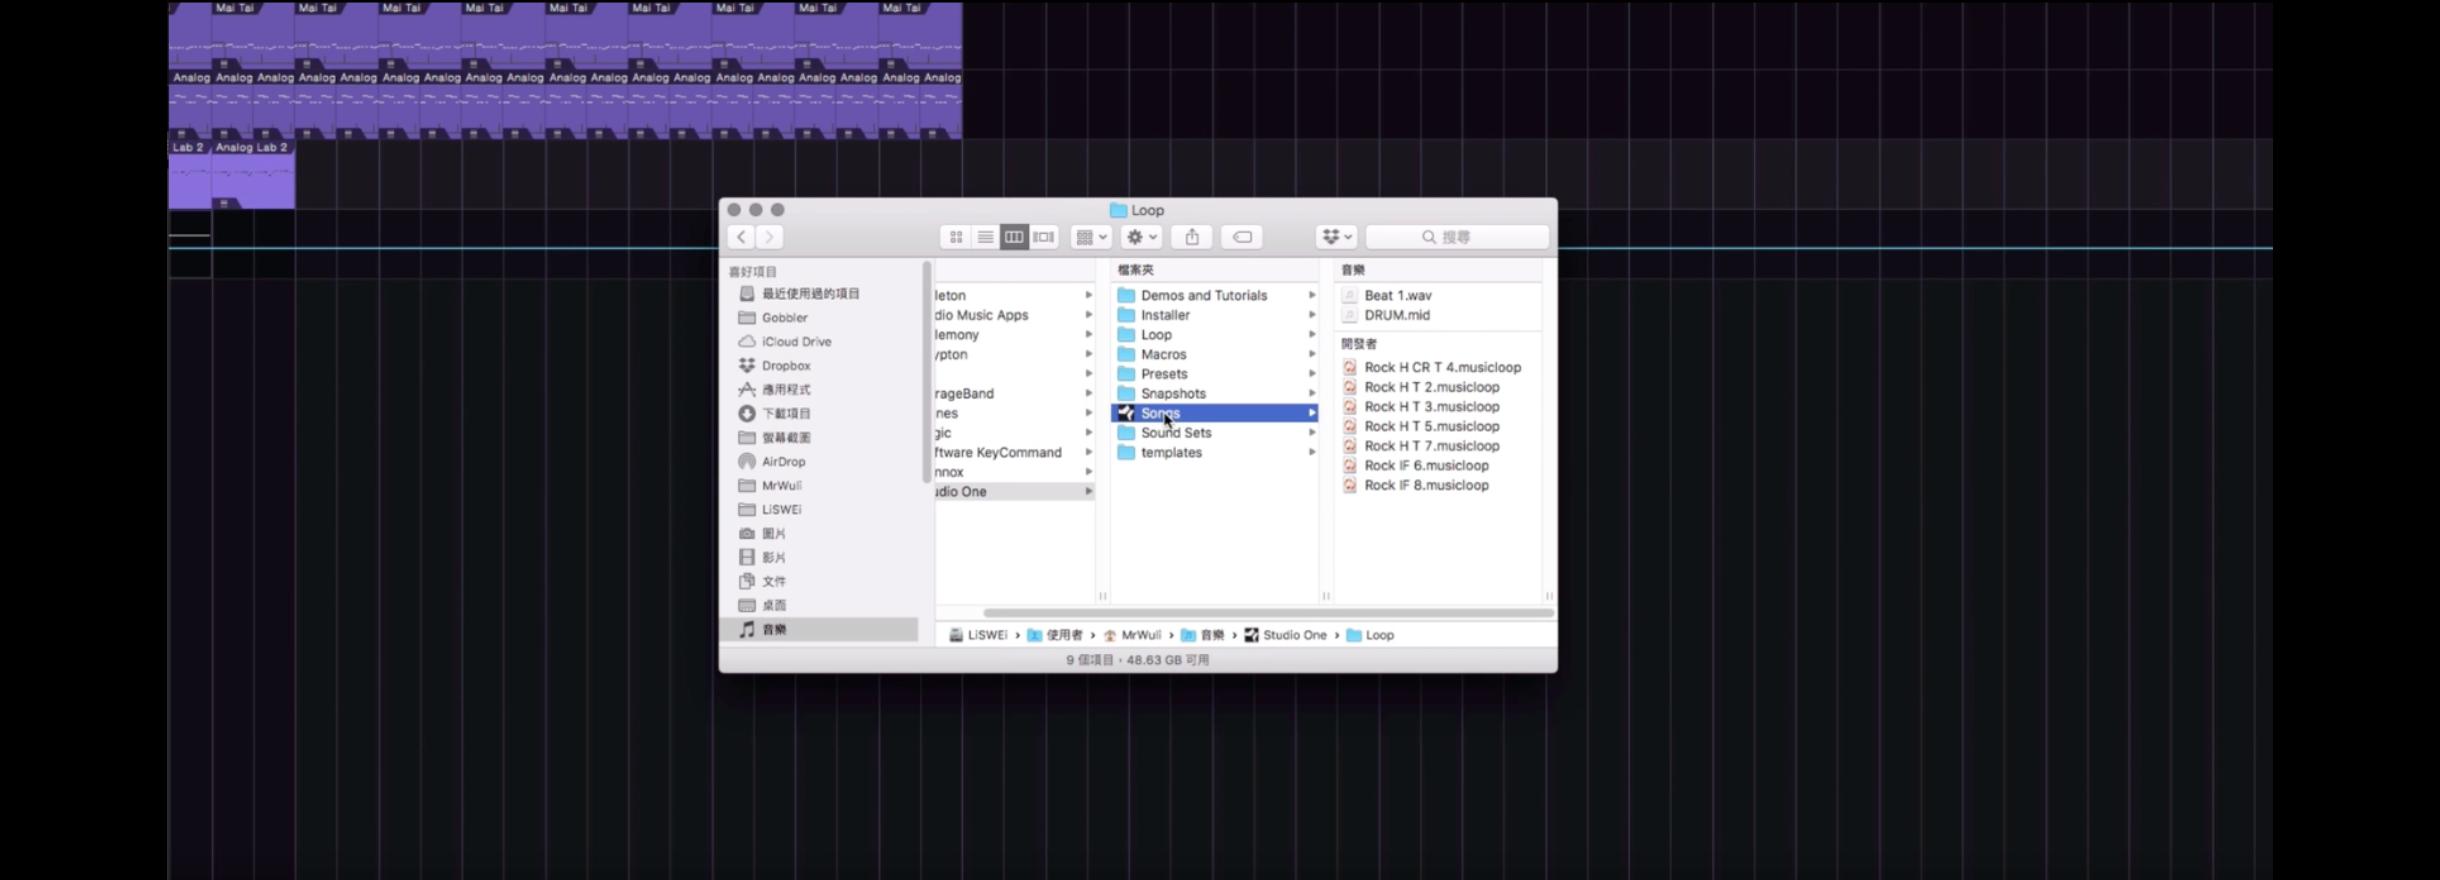 在預設的情況下你的所有專案歌曲會除存在 Songs 這個資料夾內。